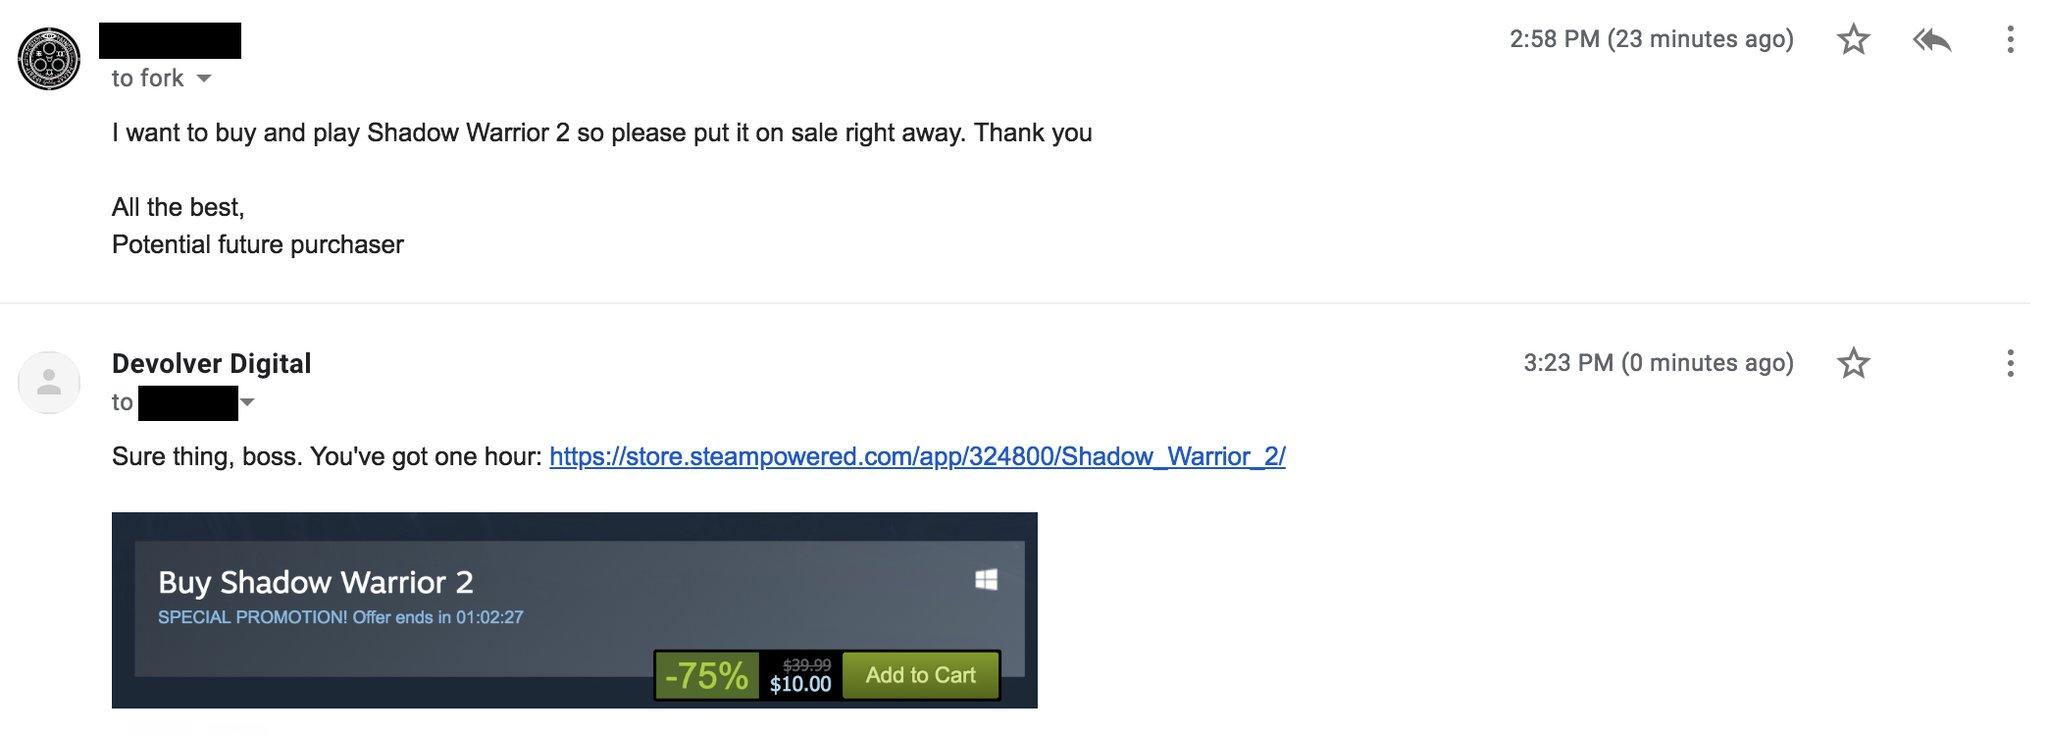 玩家恳求降价 鬼才发行商立马25折特卖《影子武士2》